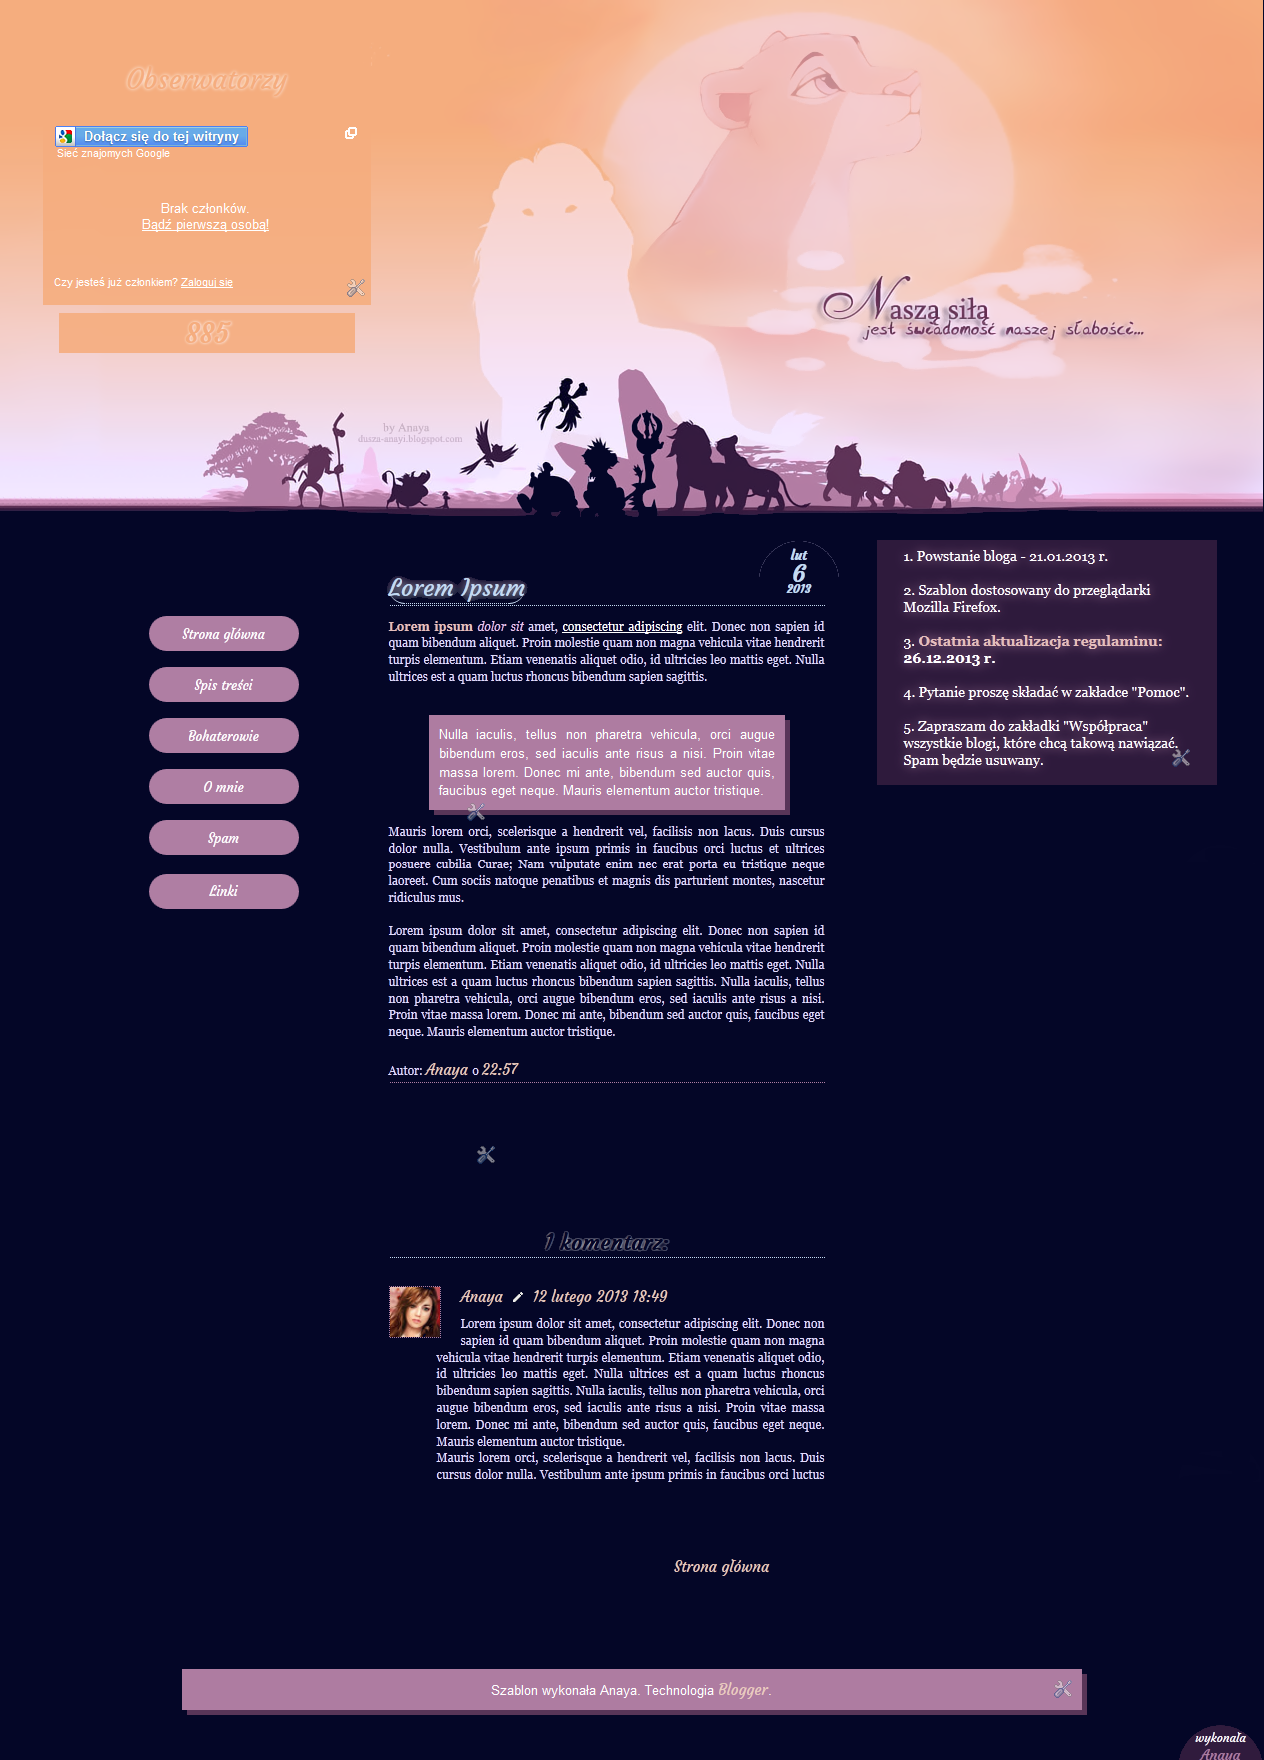 http://anaya21.deviantart.com/art/szablon-59-Frank-424719954